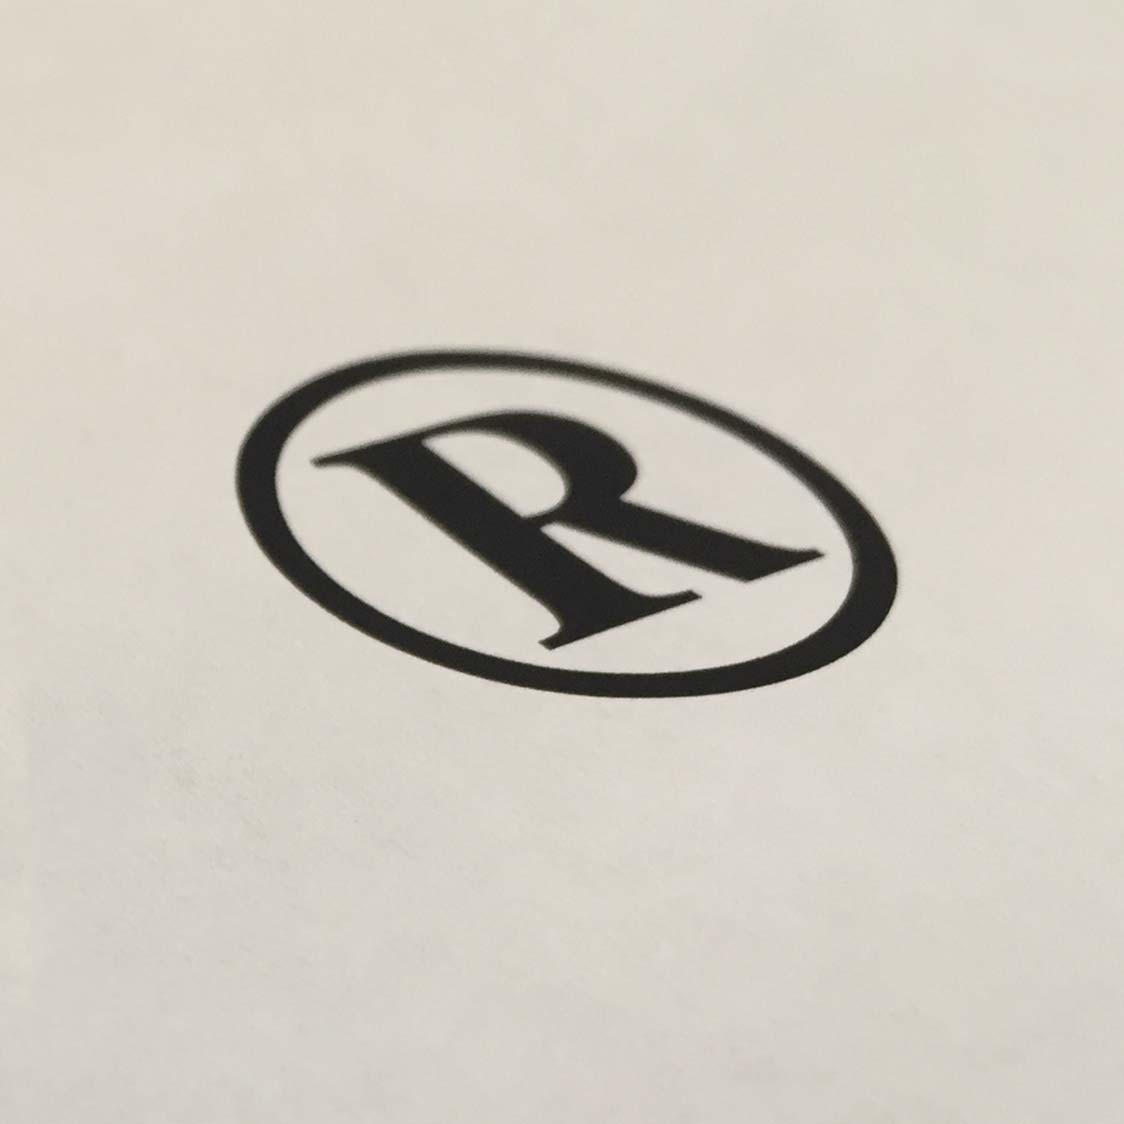 Trademark Symbol - Trademark Prosecution